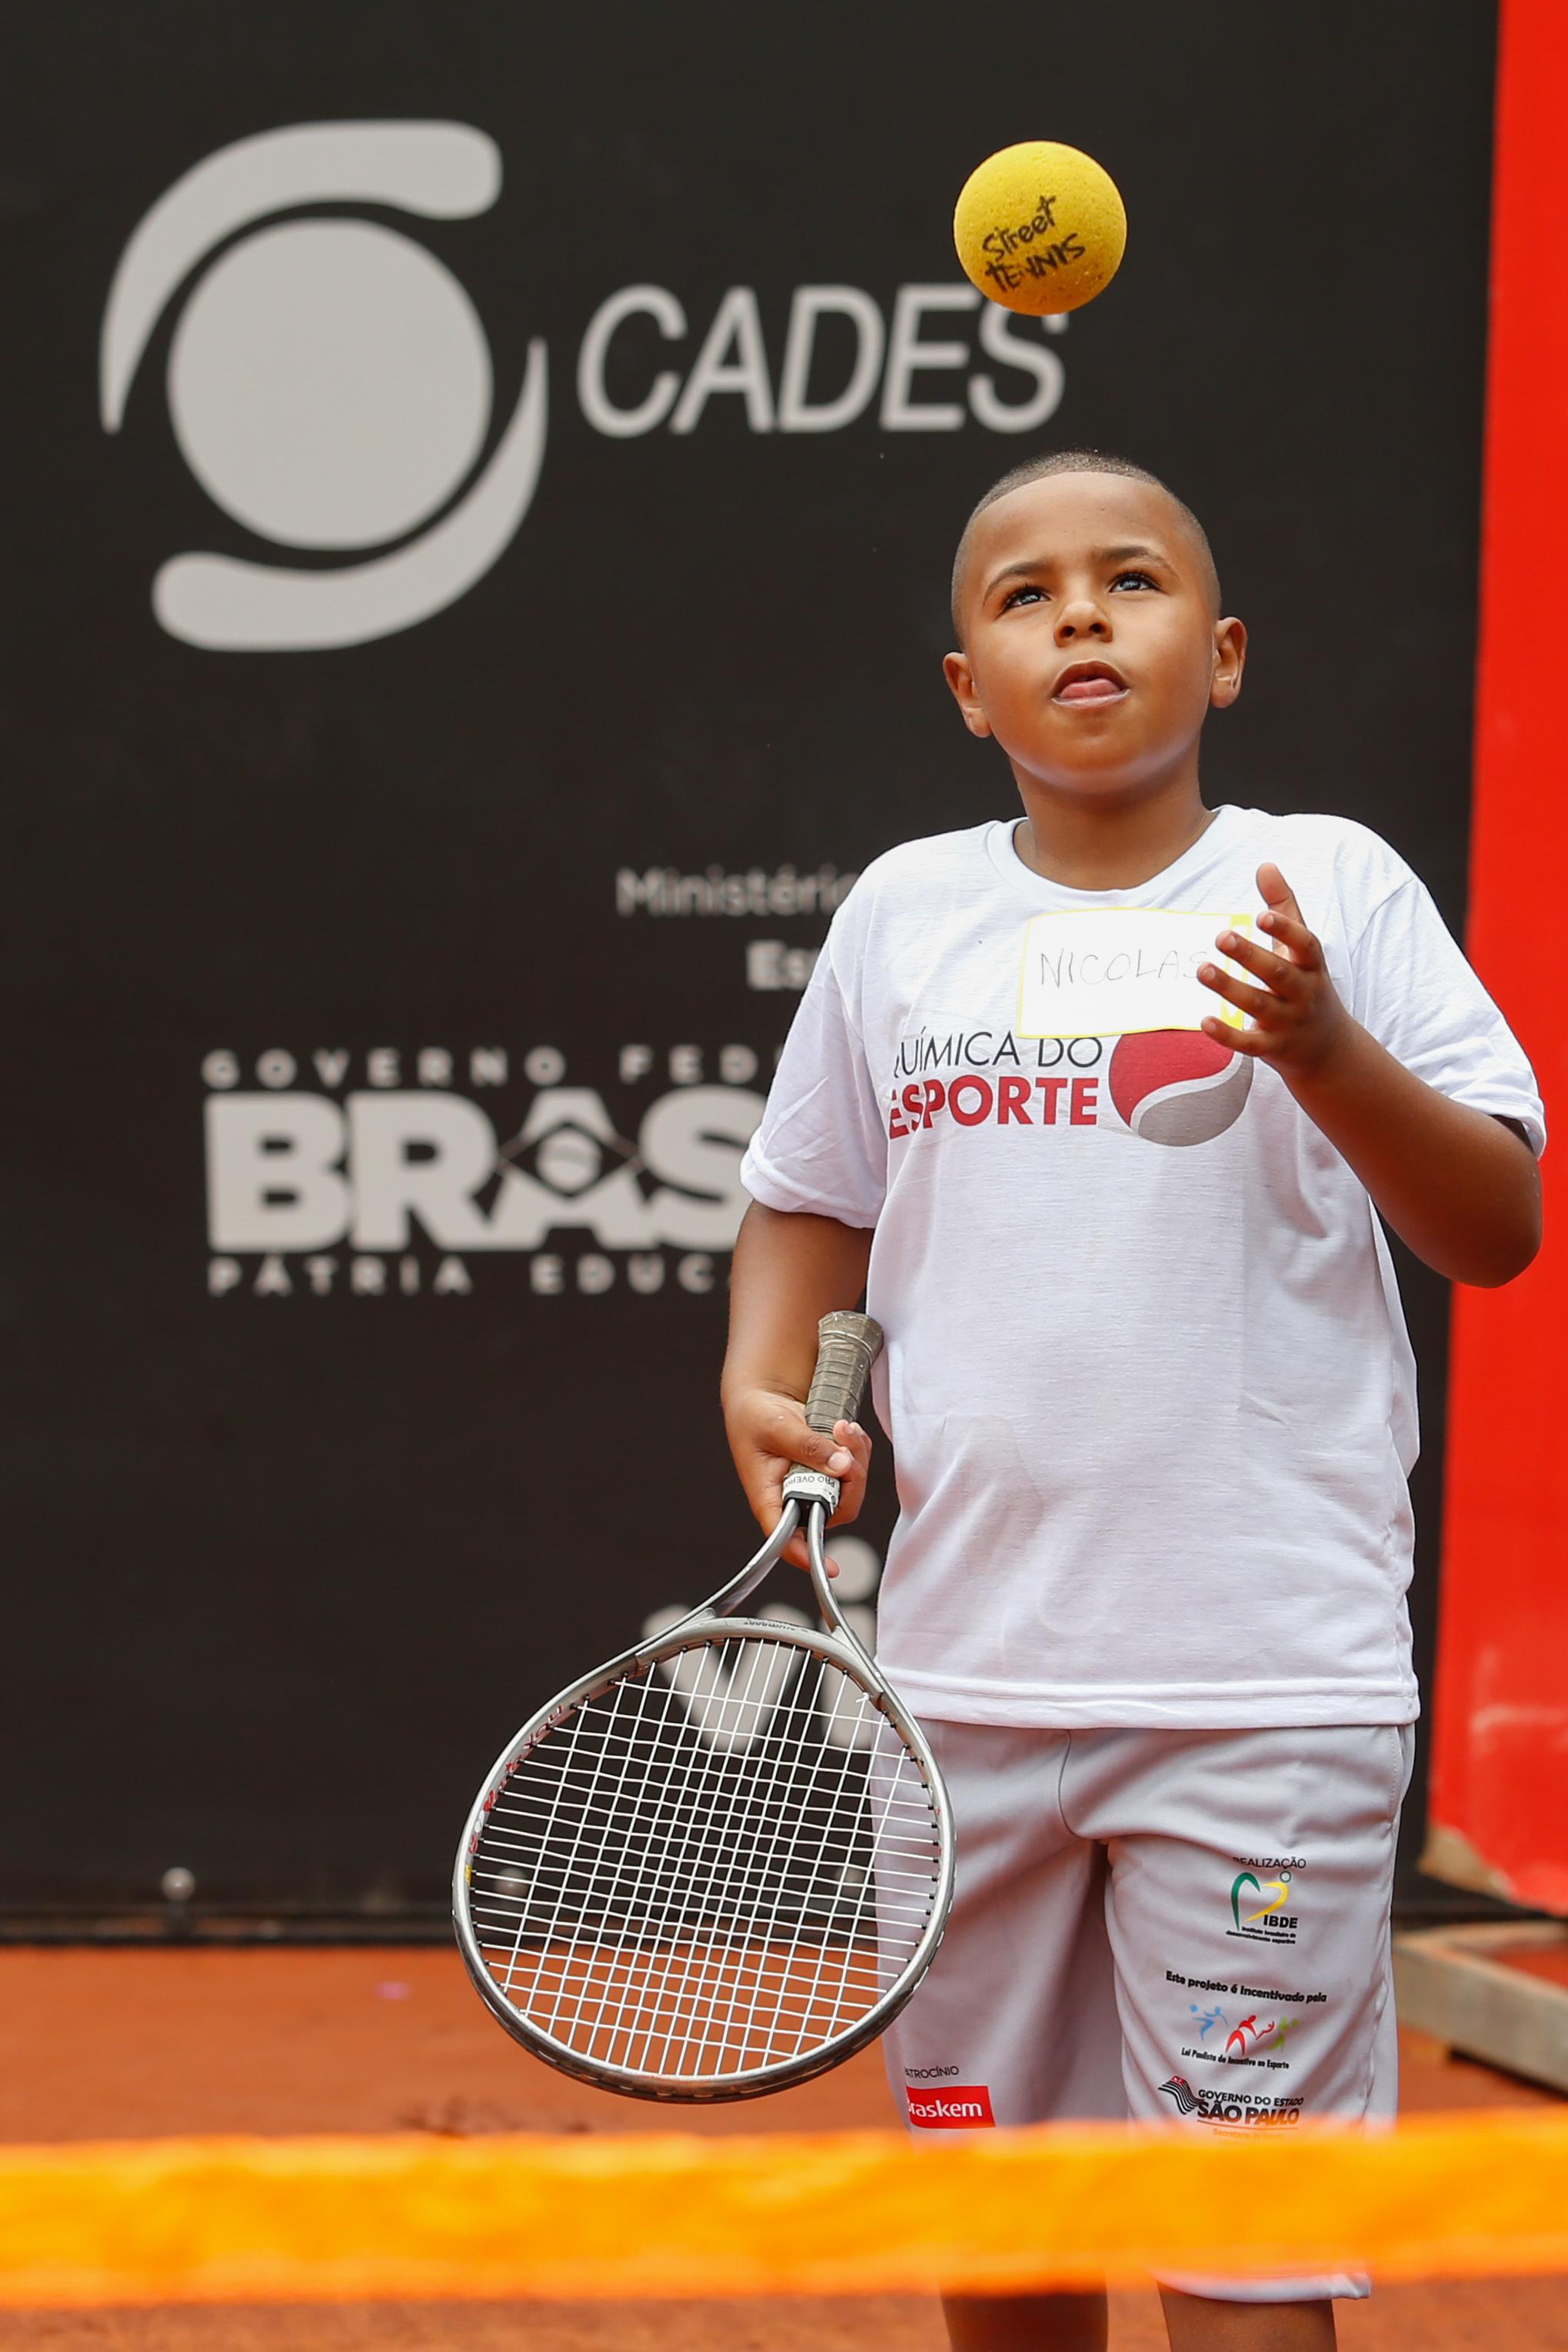 Brasil Open 2016